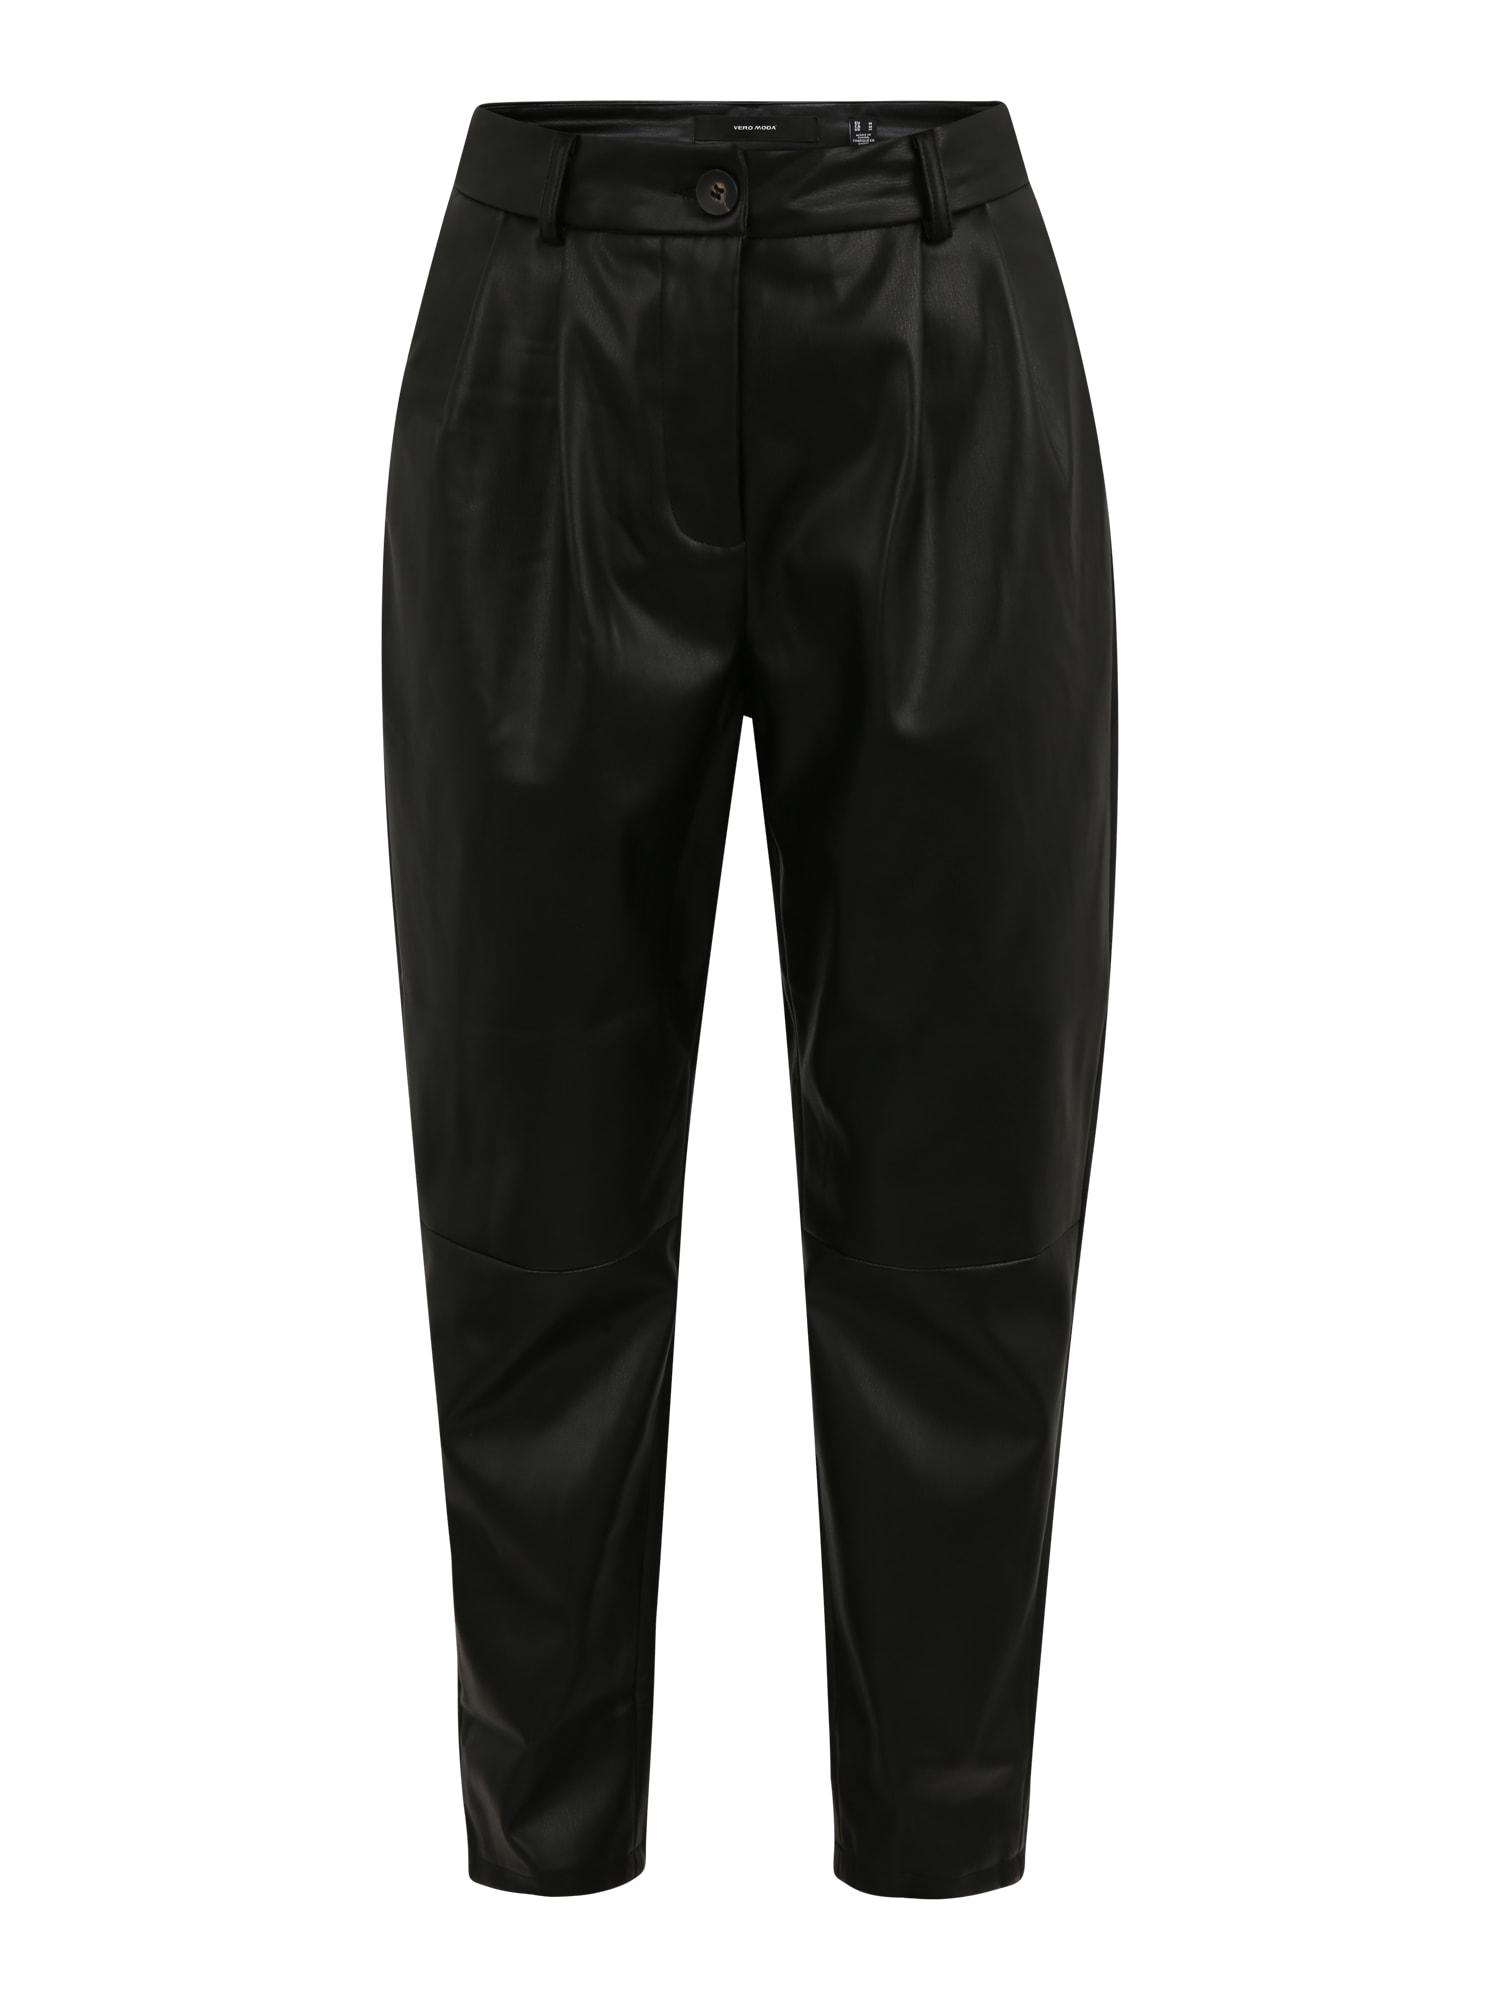 Vero Moda Petite Klostuotos kelnės juoda